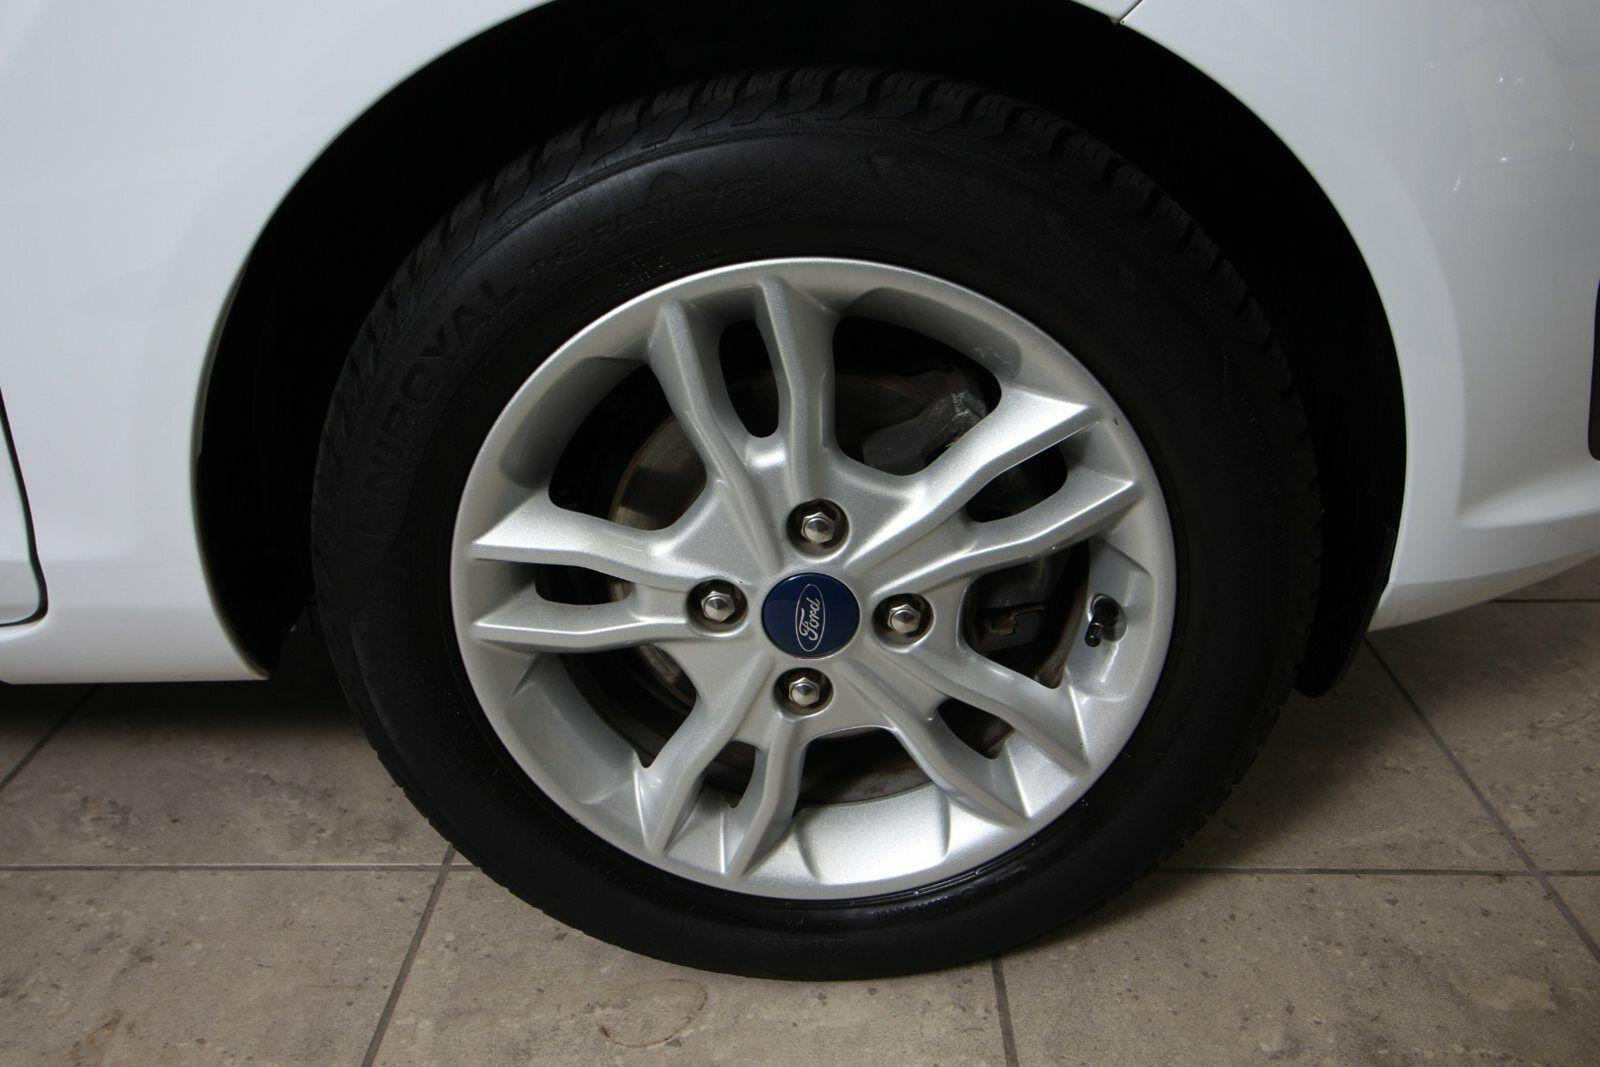 Ford Fiesta TDCi 75 SYNC Edition